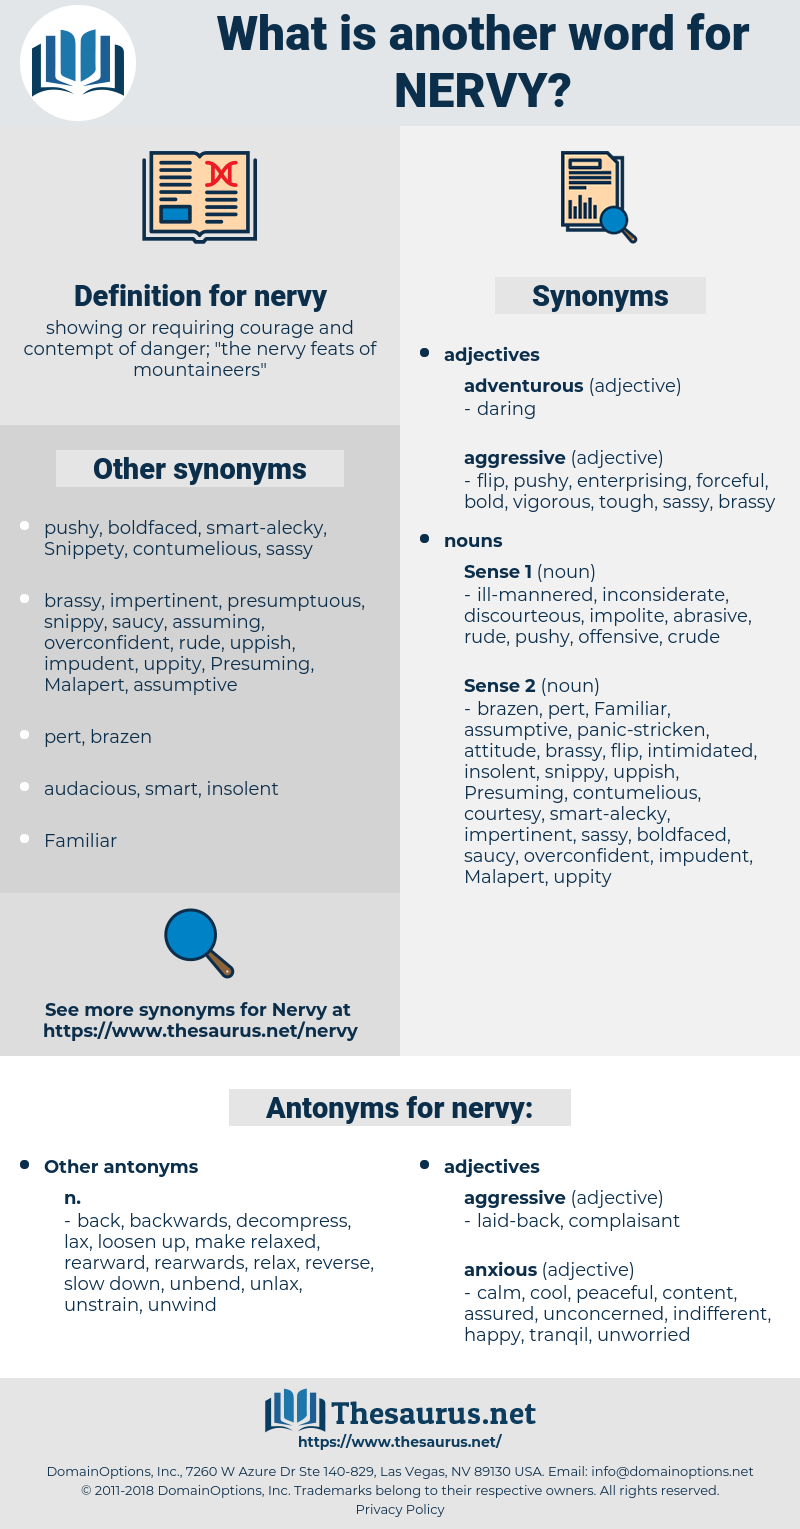 nervy, synonym nervy, another word for nervy, words like nervy, thesaurus nervy